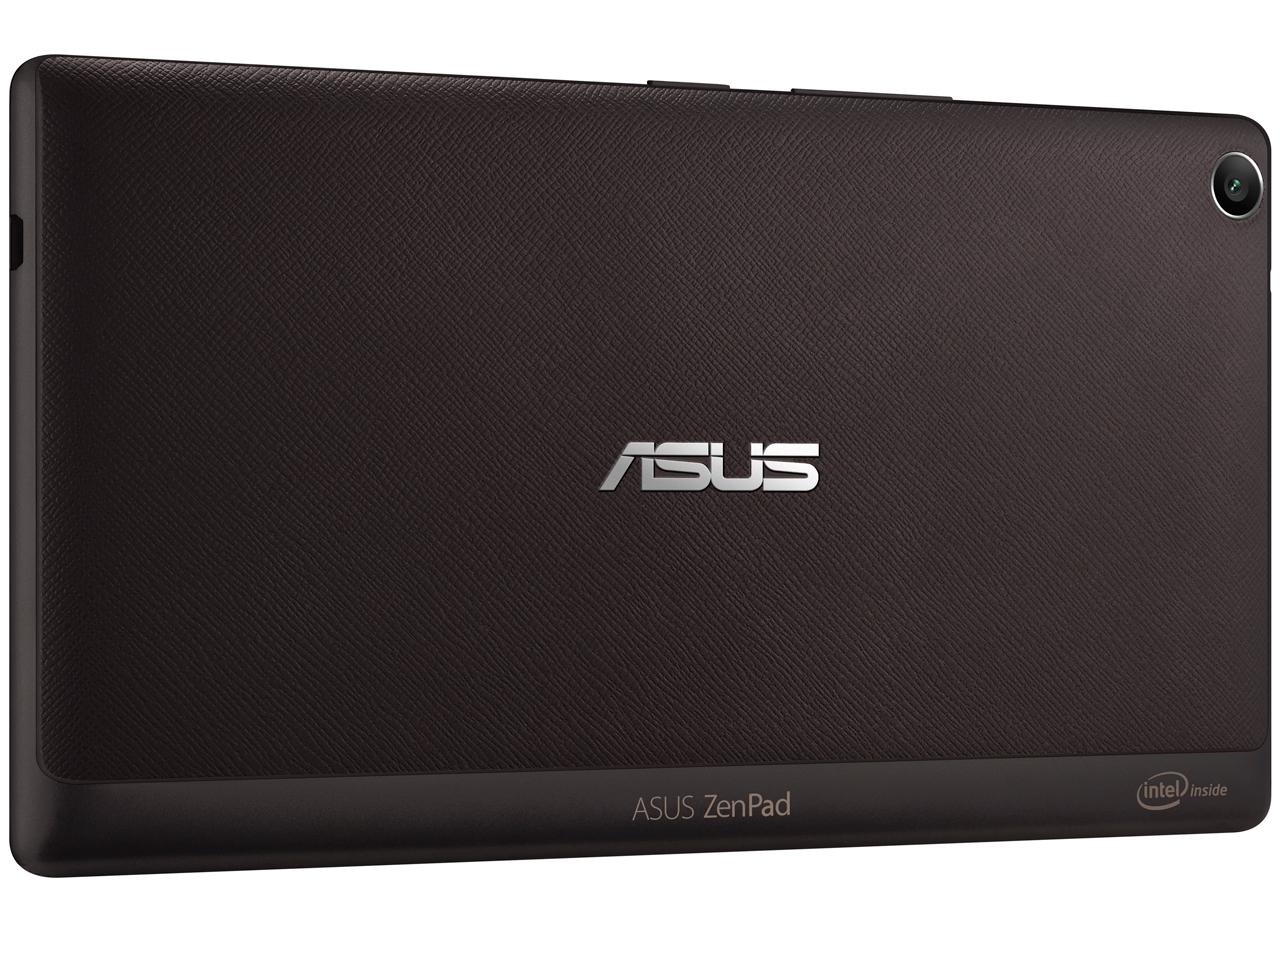 『本体 背面1』 ASUS ZenPad 7.0 Z370C-BK16 [ブラック] の製品画像